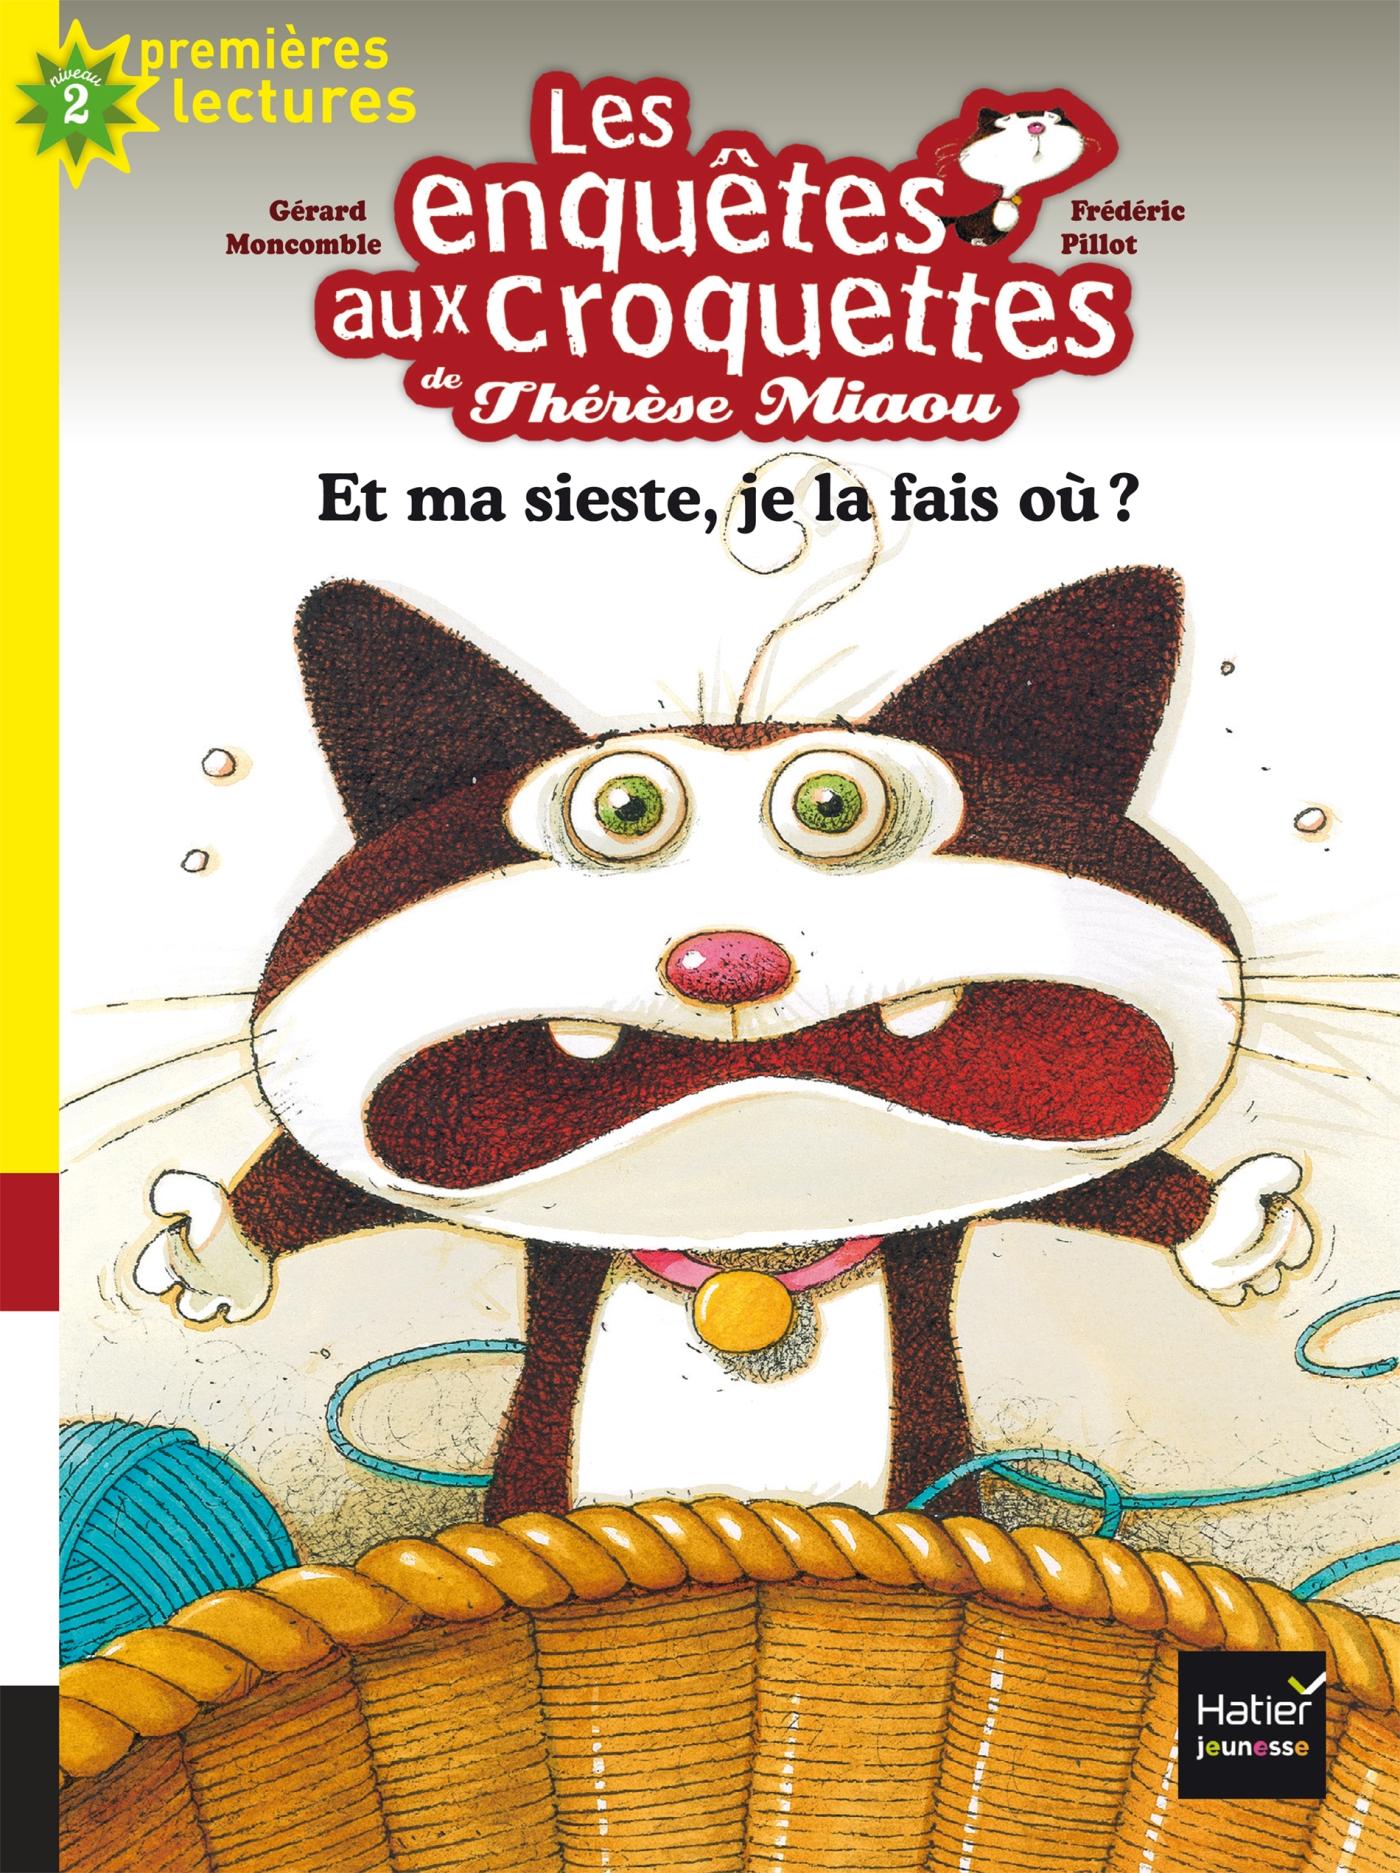 Les enquêtes aux croquettes - Et ma sieste, je la fais où ? CP/CE1 6/7 ans | Moncomble, Gérard. Auteur